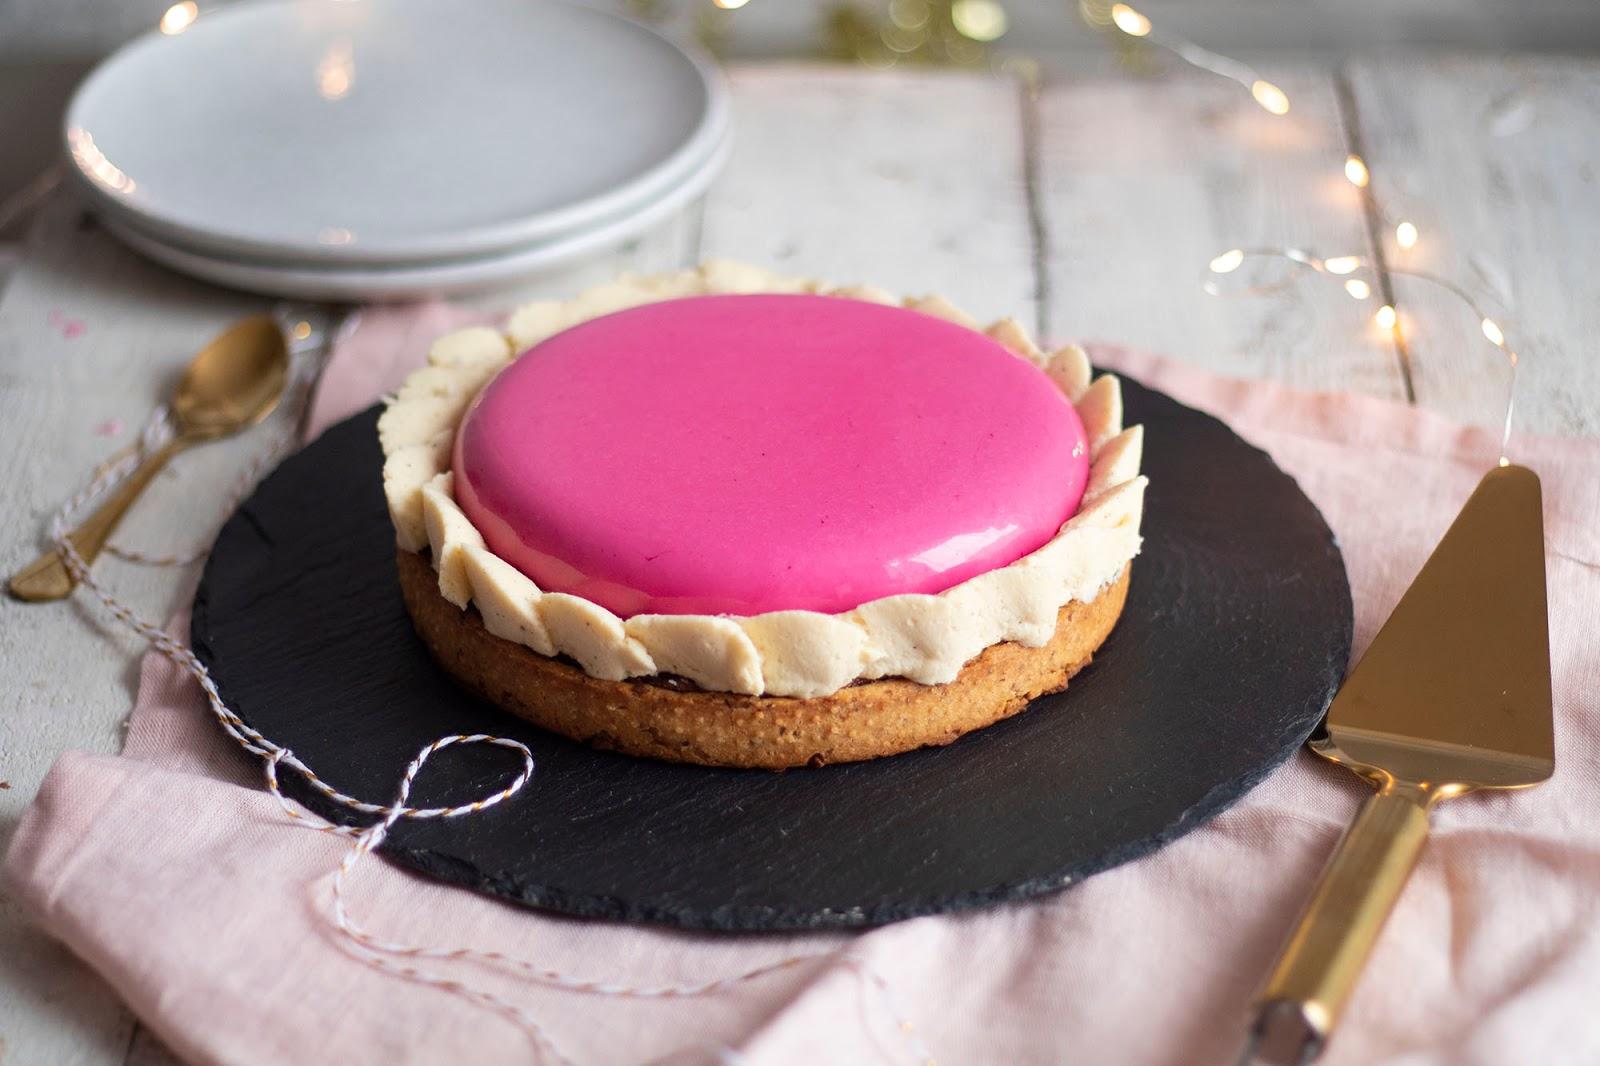 Recette d'une délicieuse tarte entremet à la pistache et à la framboise accompagné d'une ganache montée au chocolat blanc